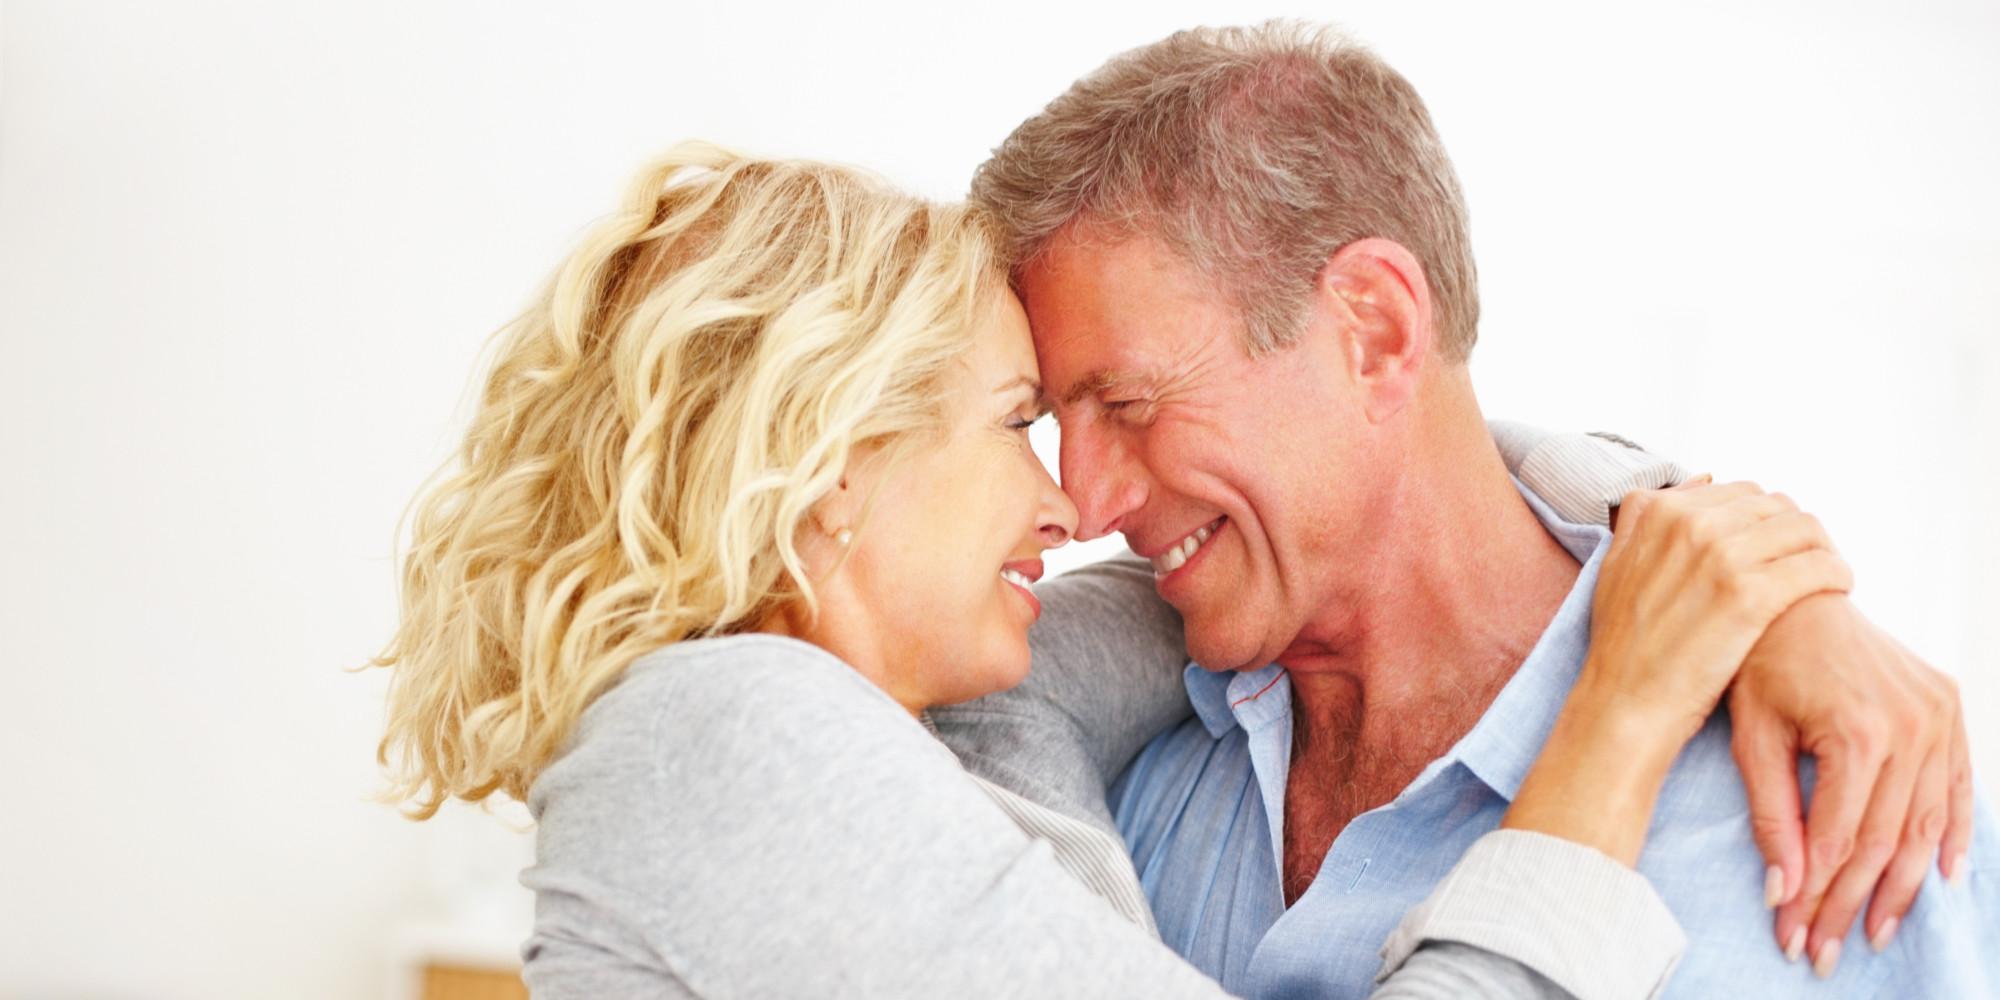 boldog párkapcsolat titka